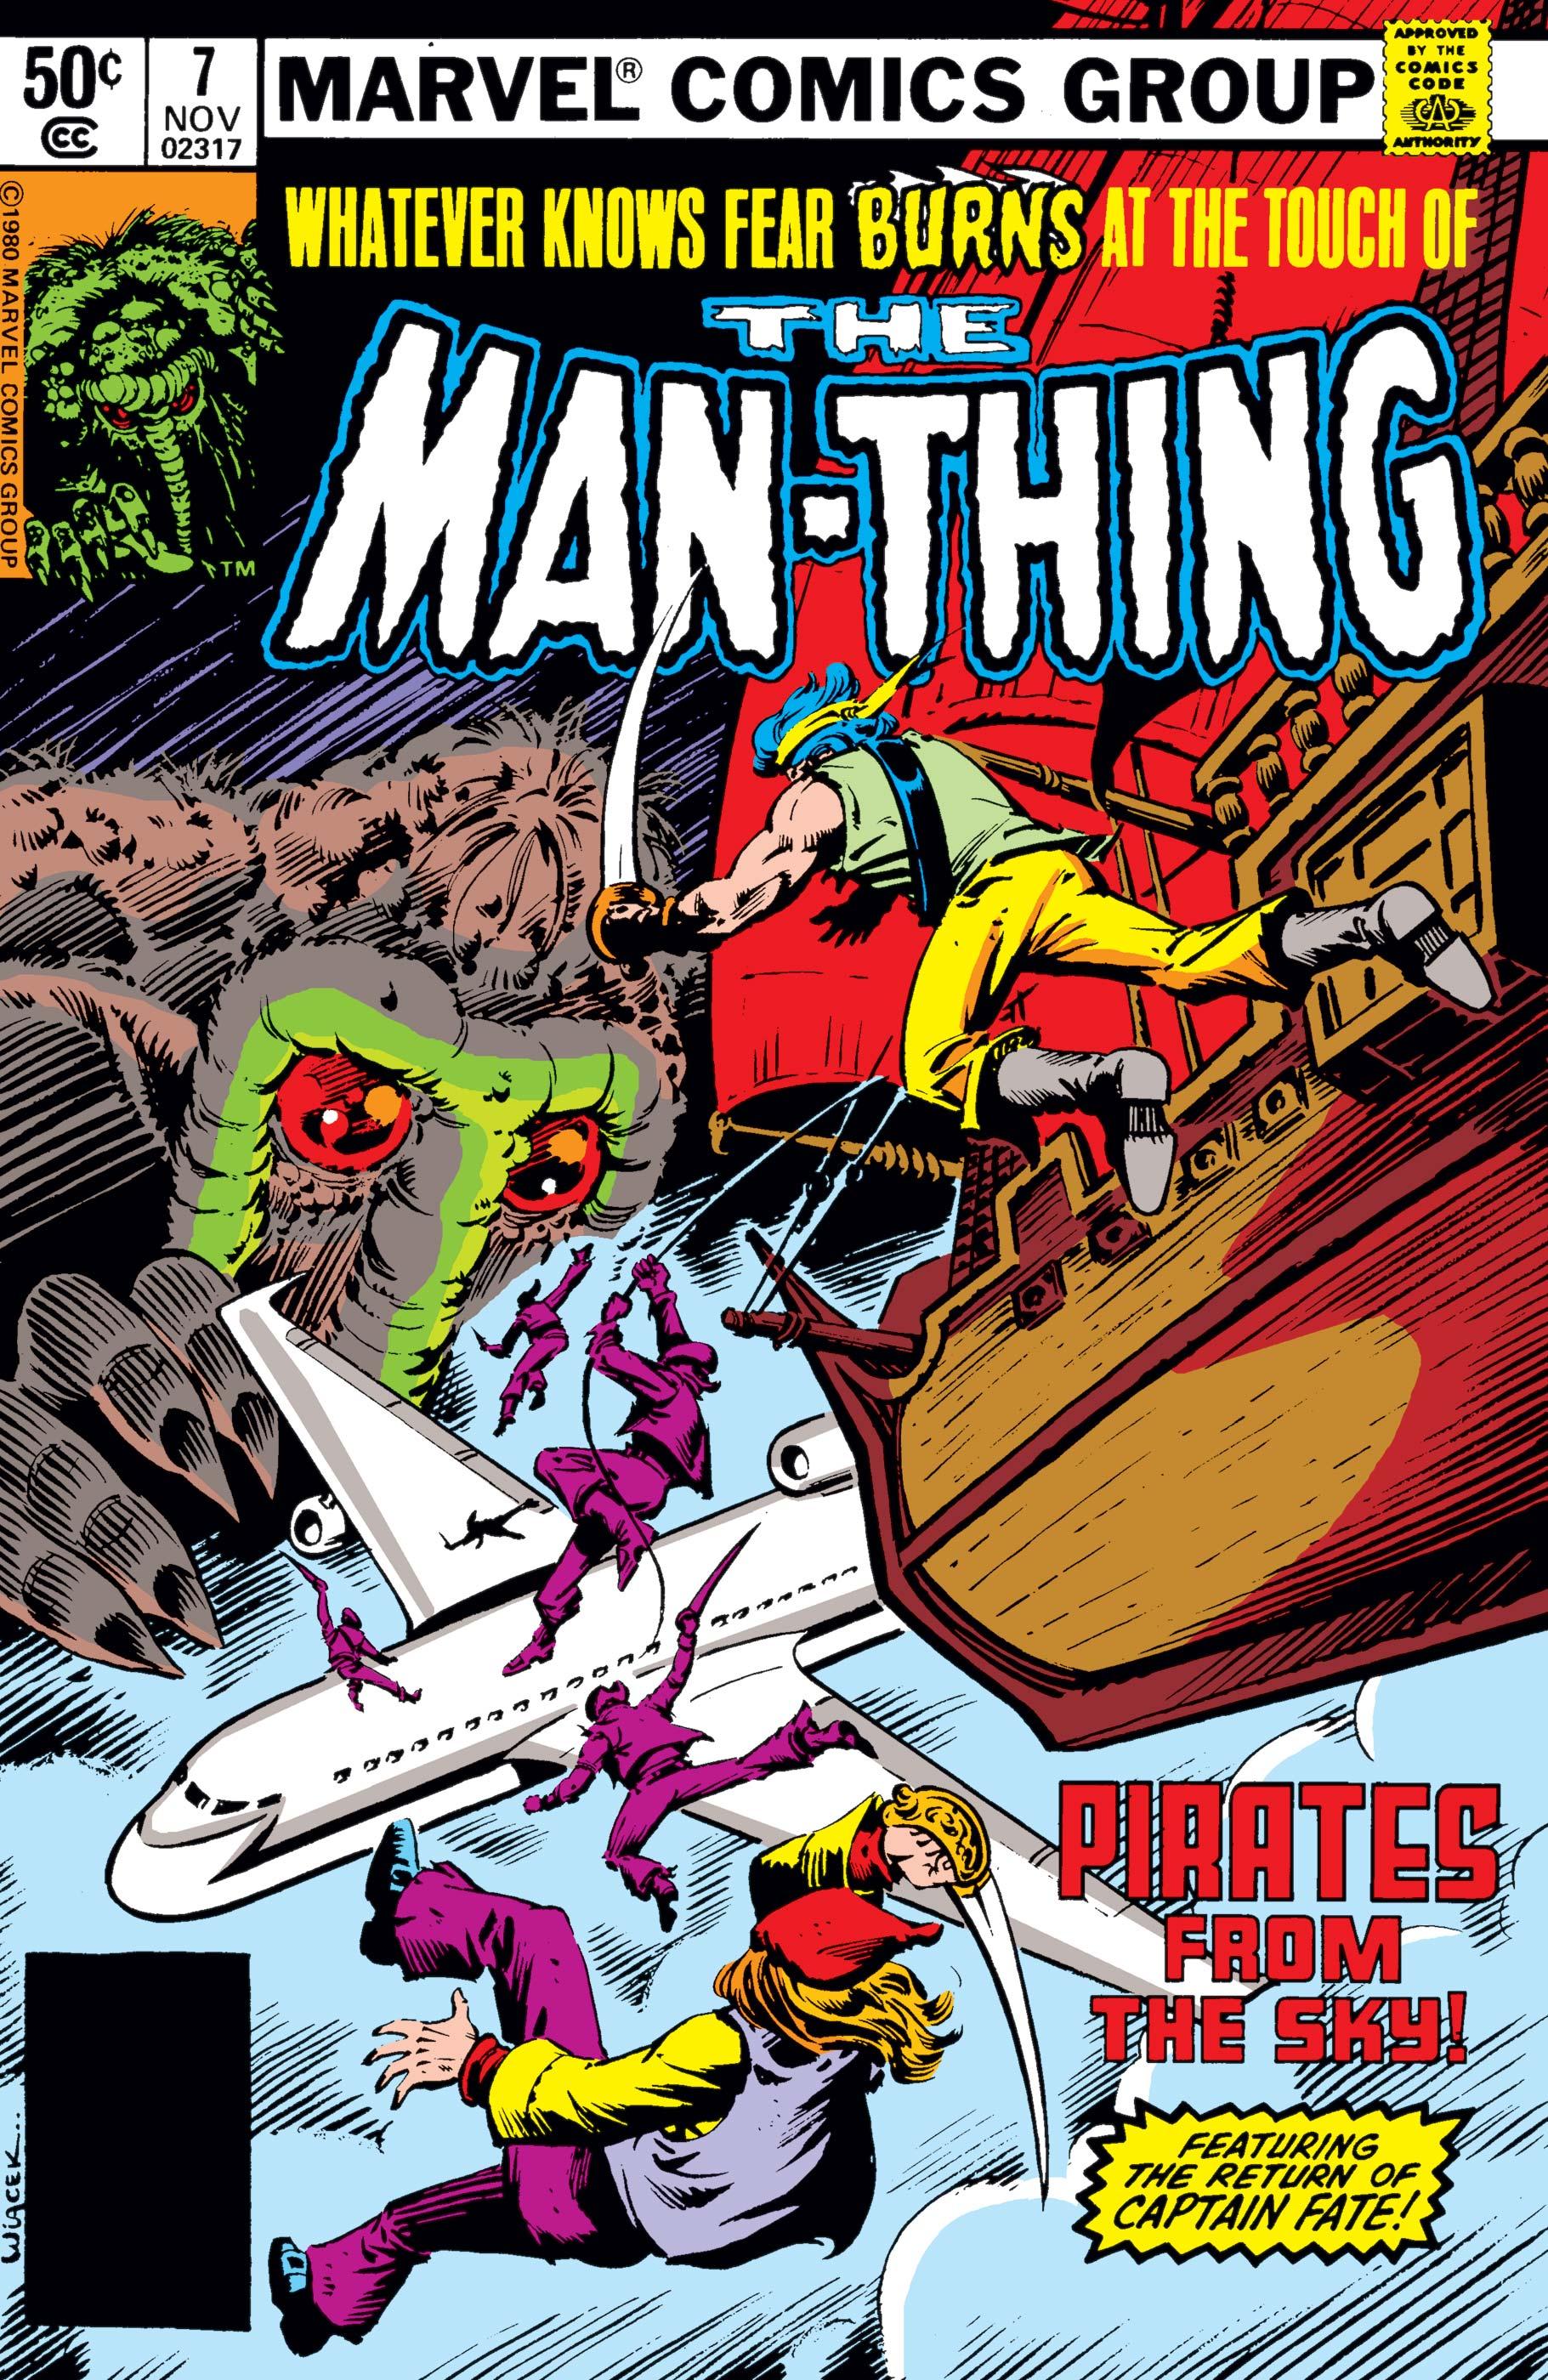 Man-Thing (1979) #7